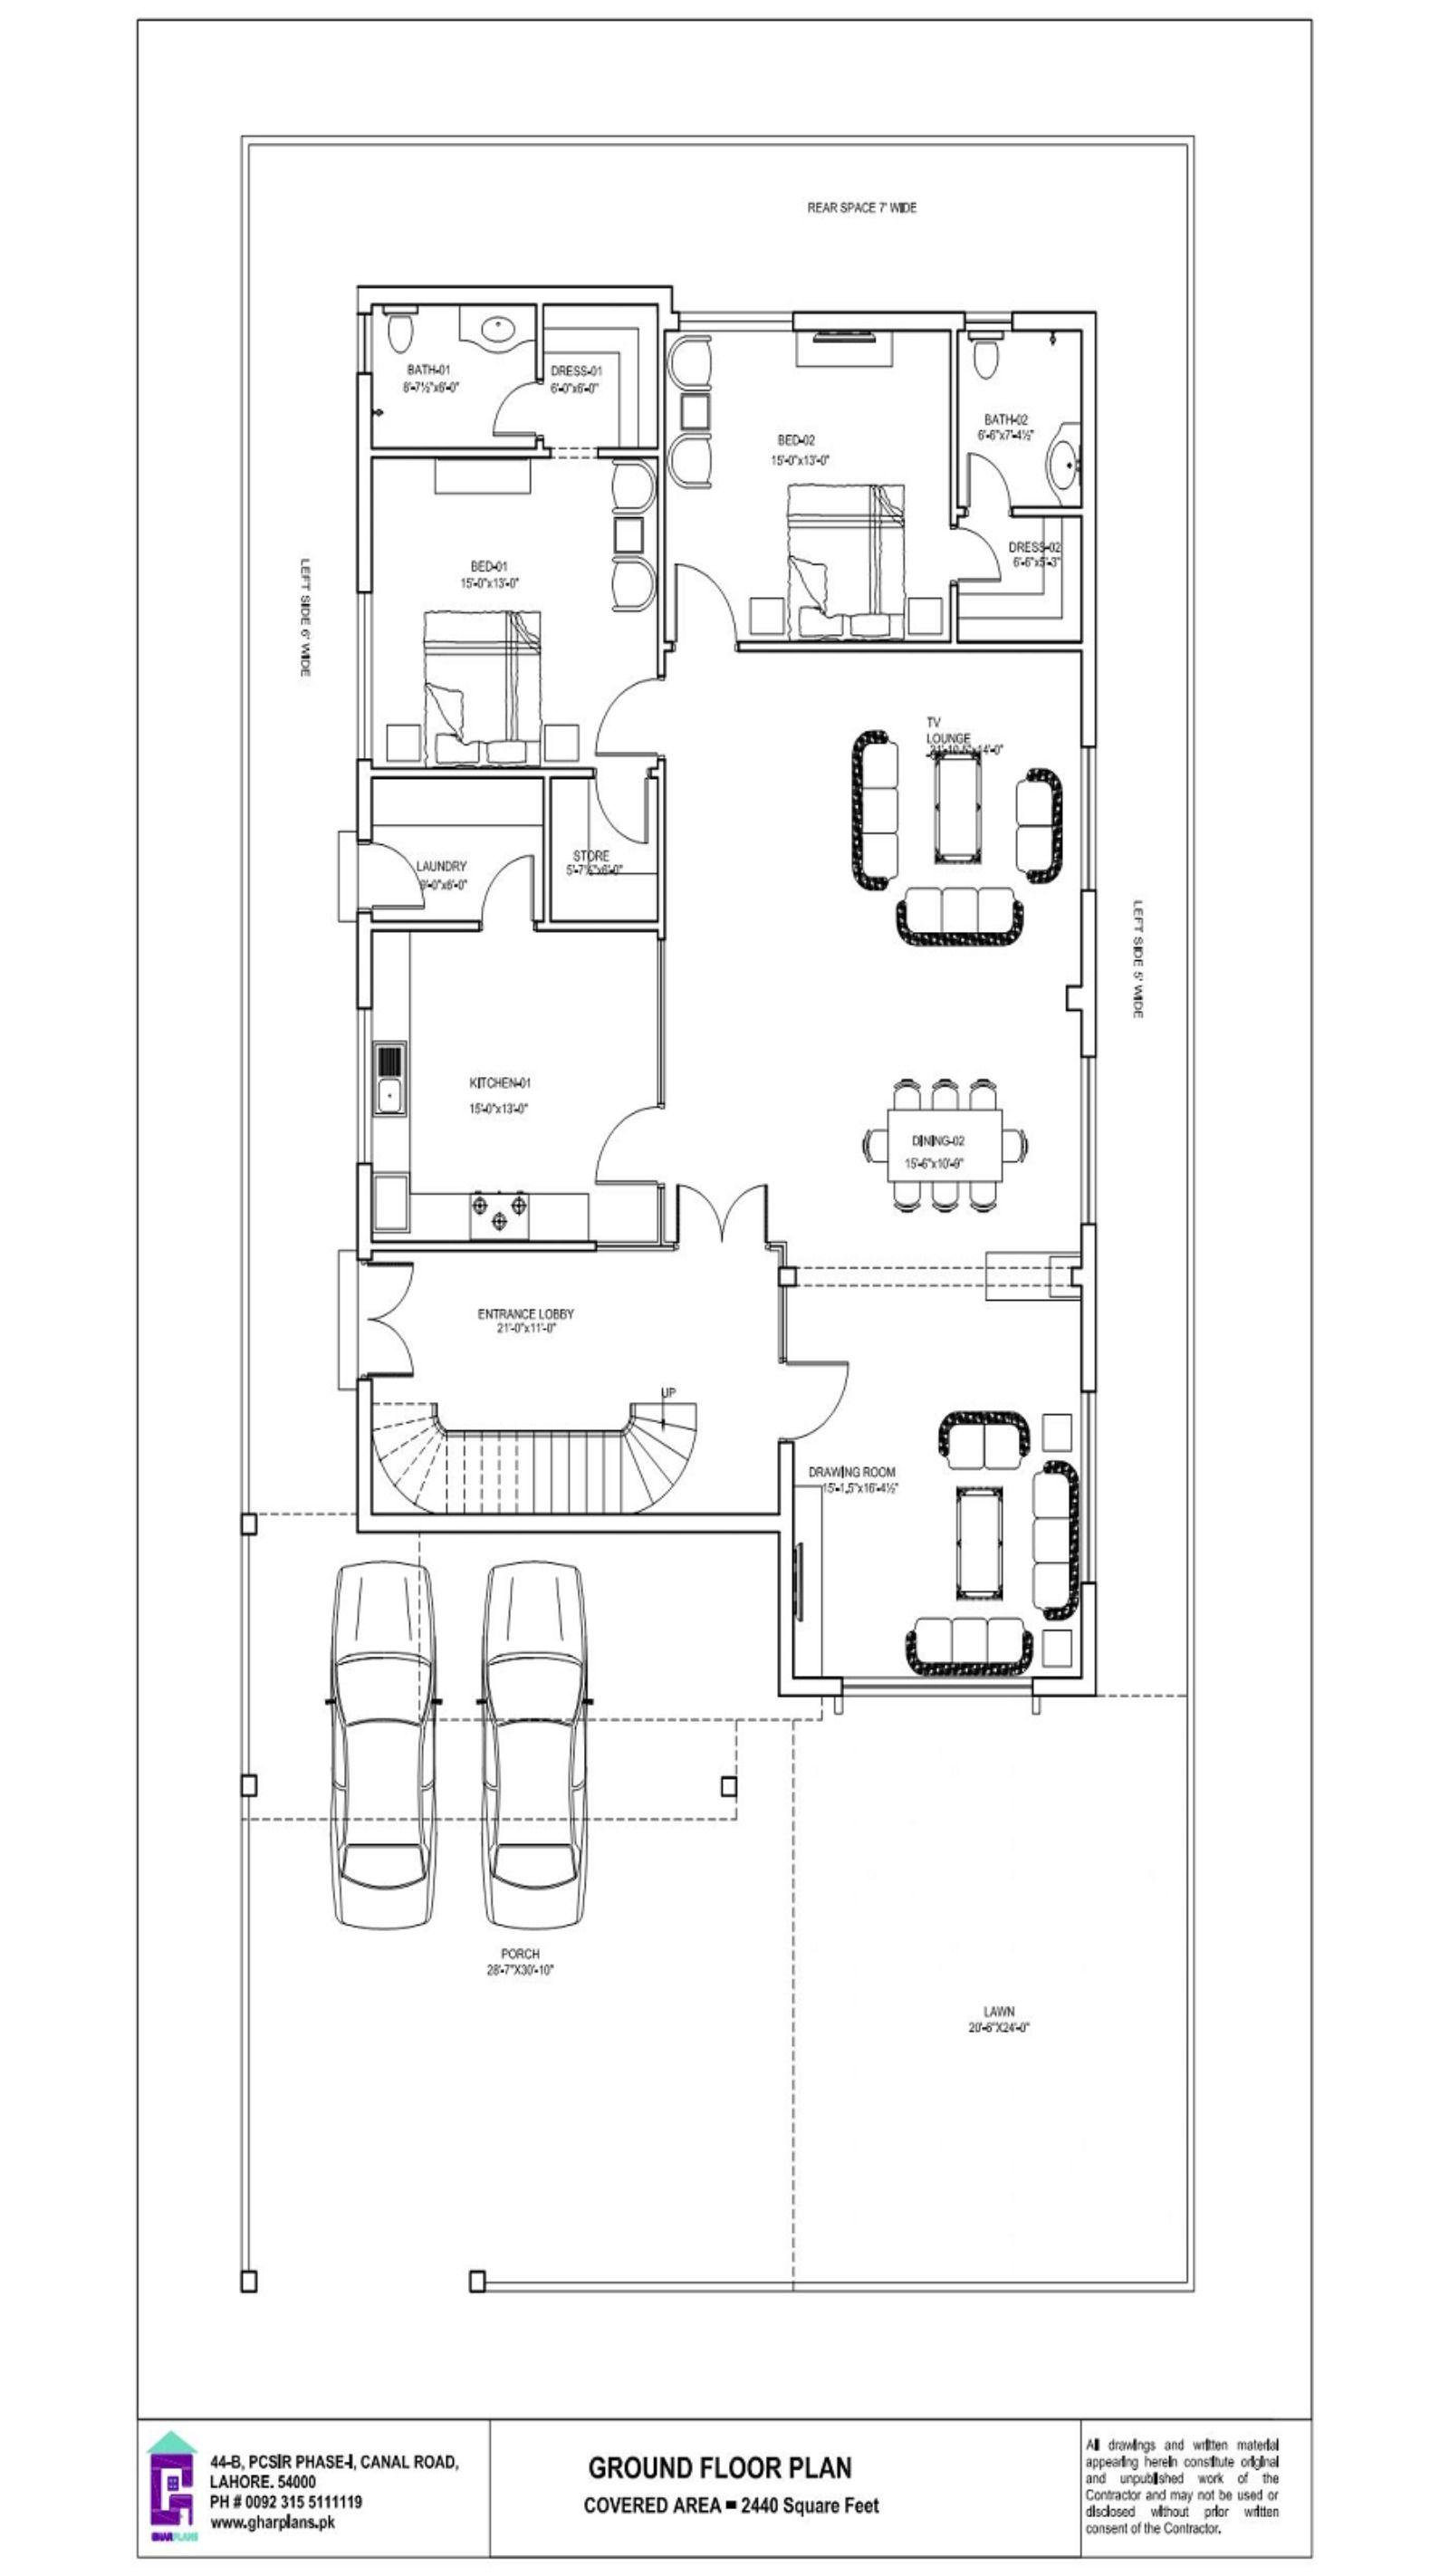 20 Marla Bungalow House Design 50 Ft X 90 Ft Bungalow House Design House Design House Plans